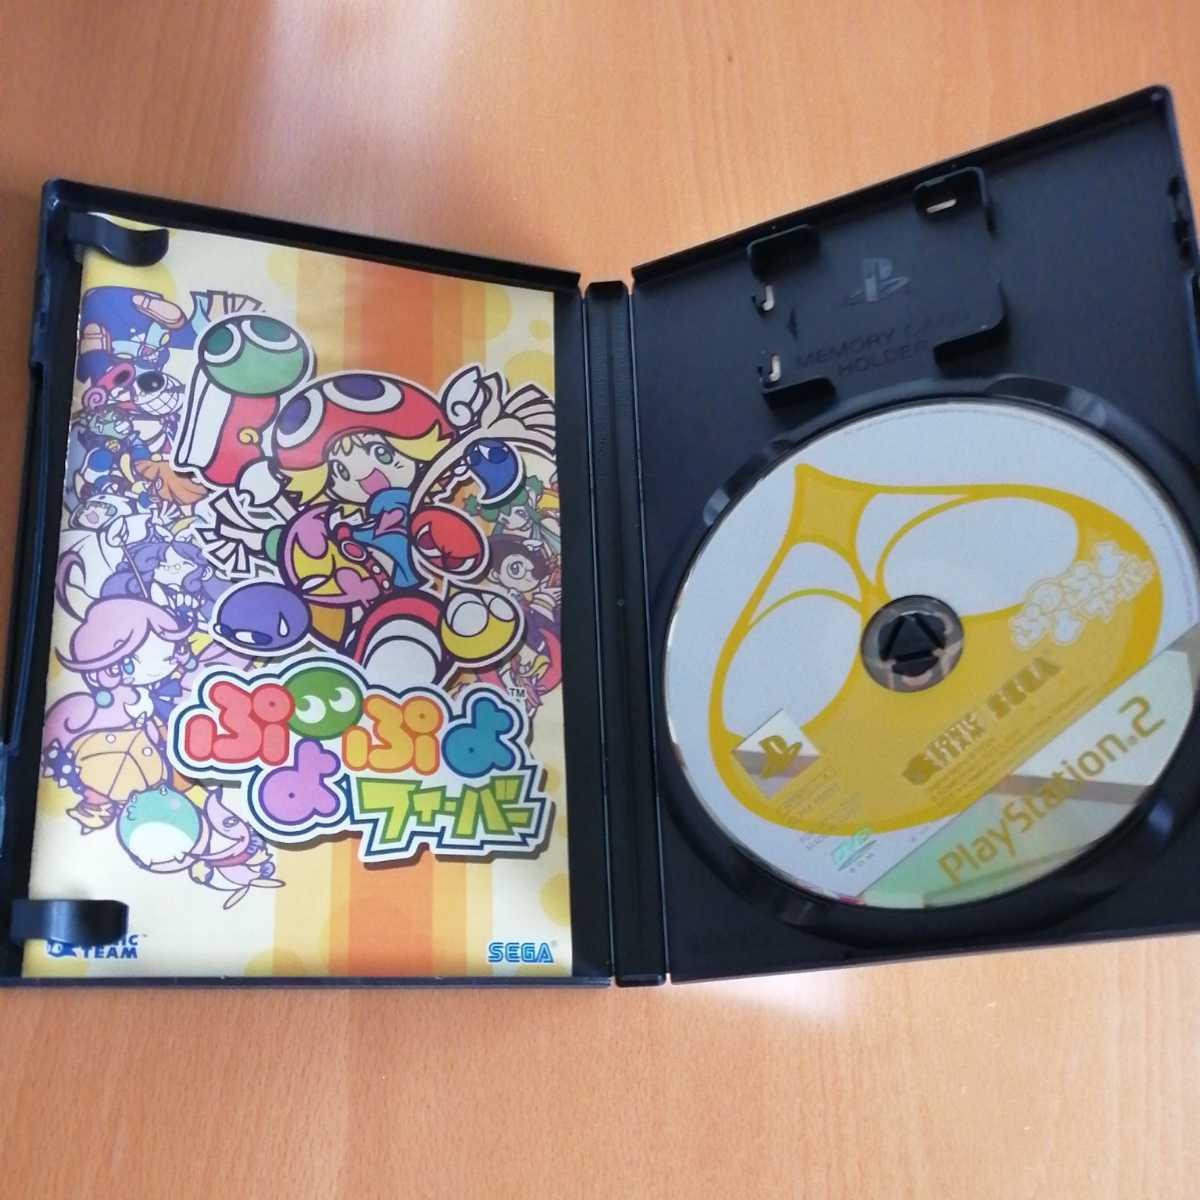 ぷよぷよフィーバー SEGA SONIC TEAM PS2 プレステ2 プレイステーション2 ソフト 動作確認済 送料無料 即決_画像2